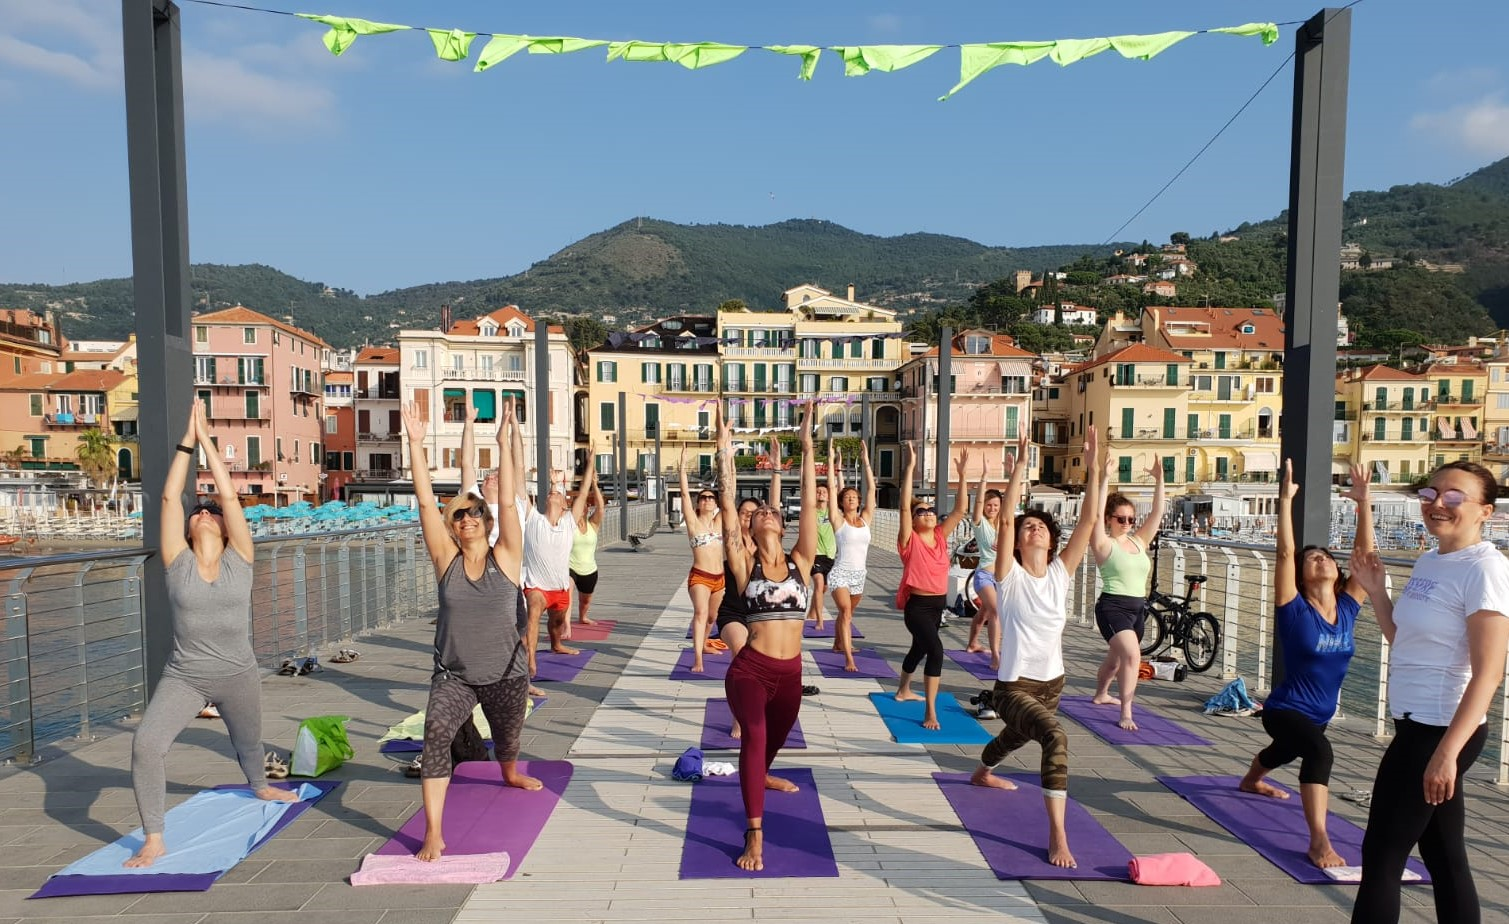 1_essere-free-yoga-gratuito-benessere-per-tutti-village-citta-alassio-estate-lucia-ragazzi-summer-town-wellness-080